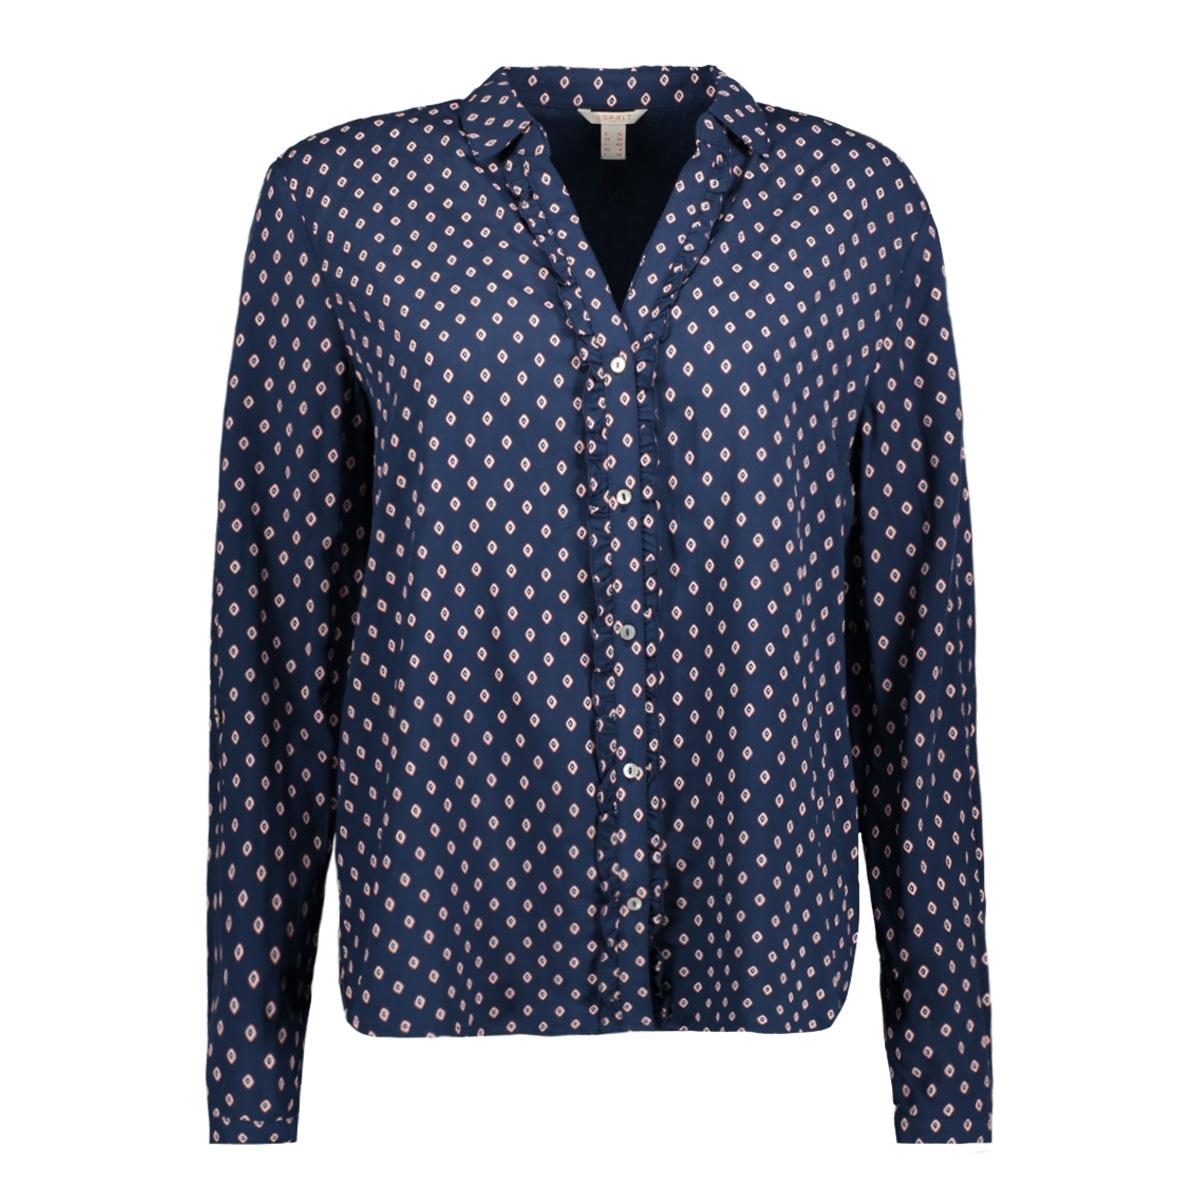 127ee1f003 esprit blouse e400